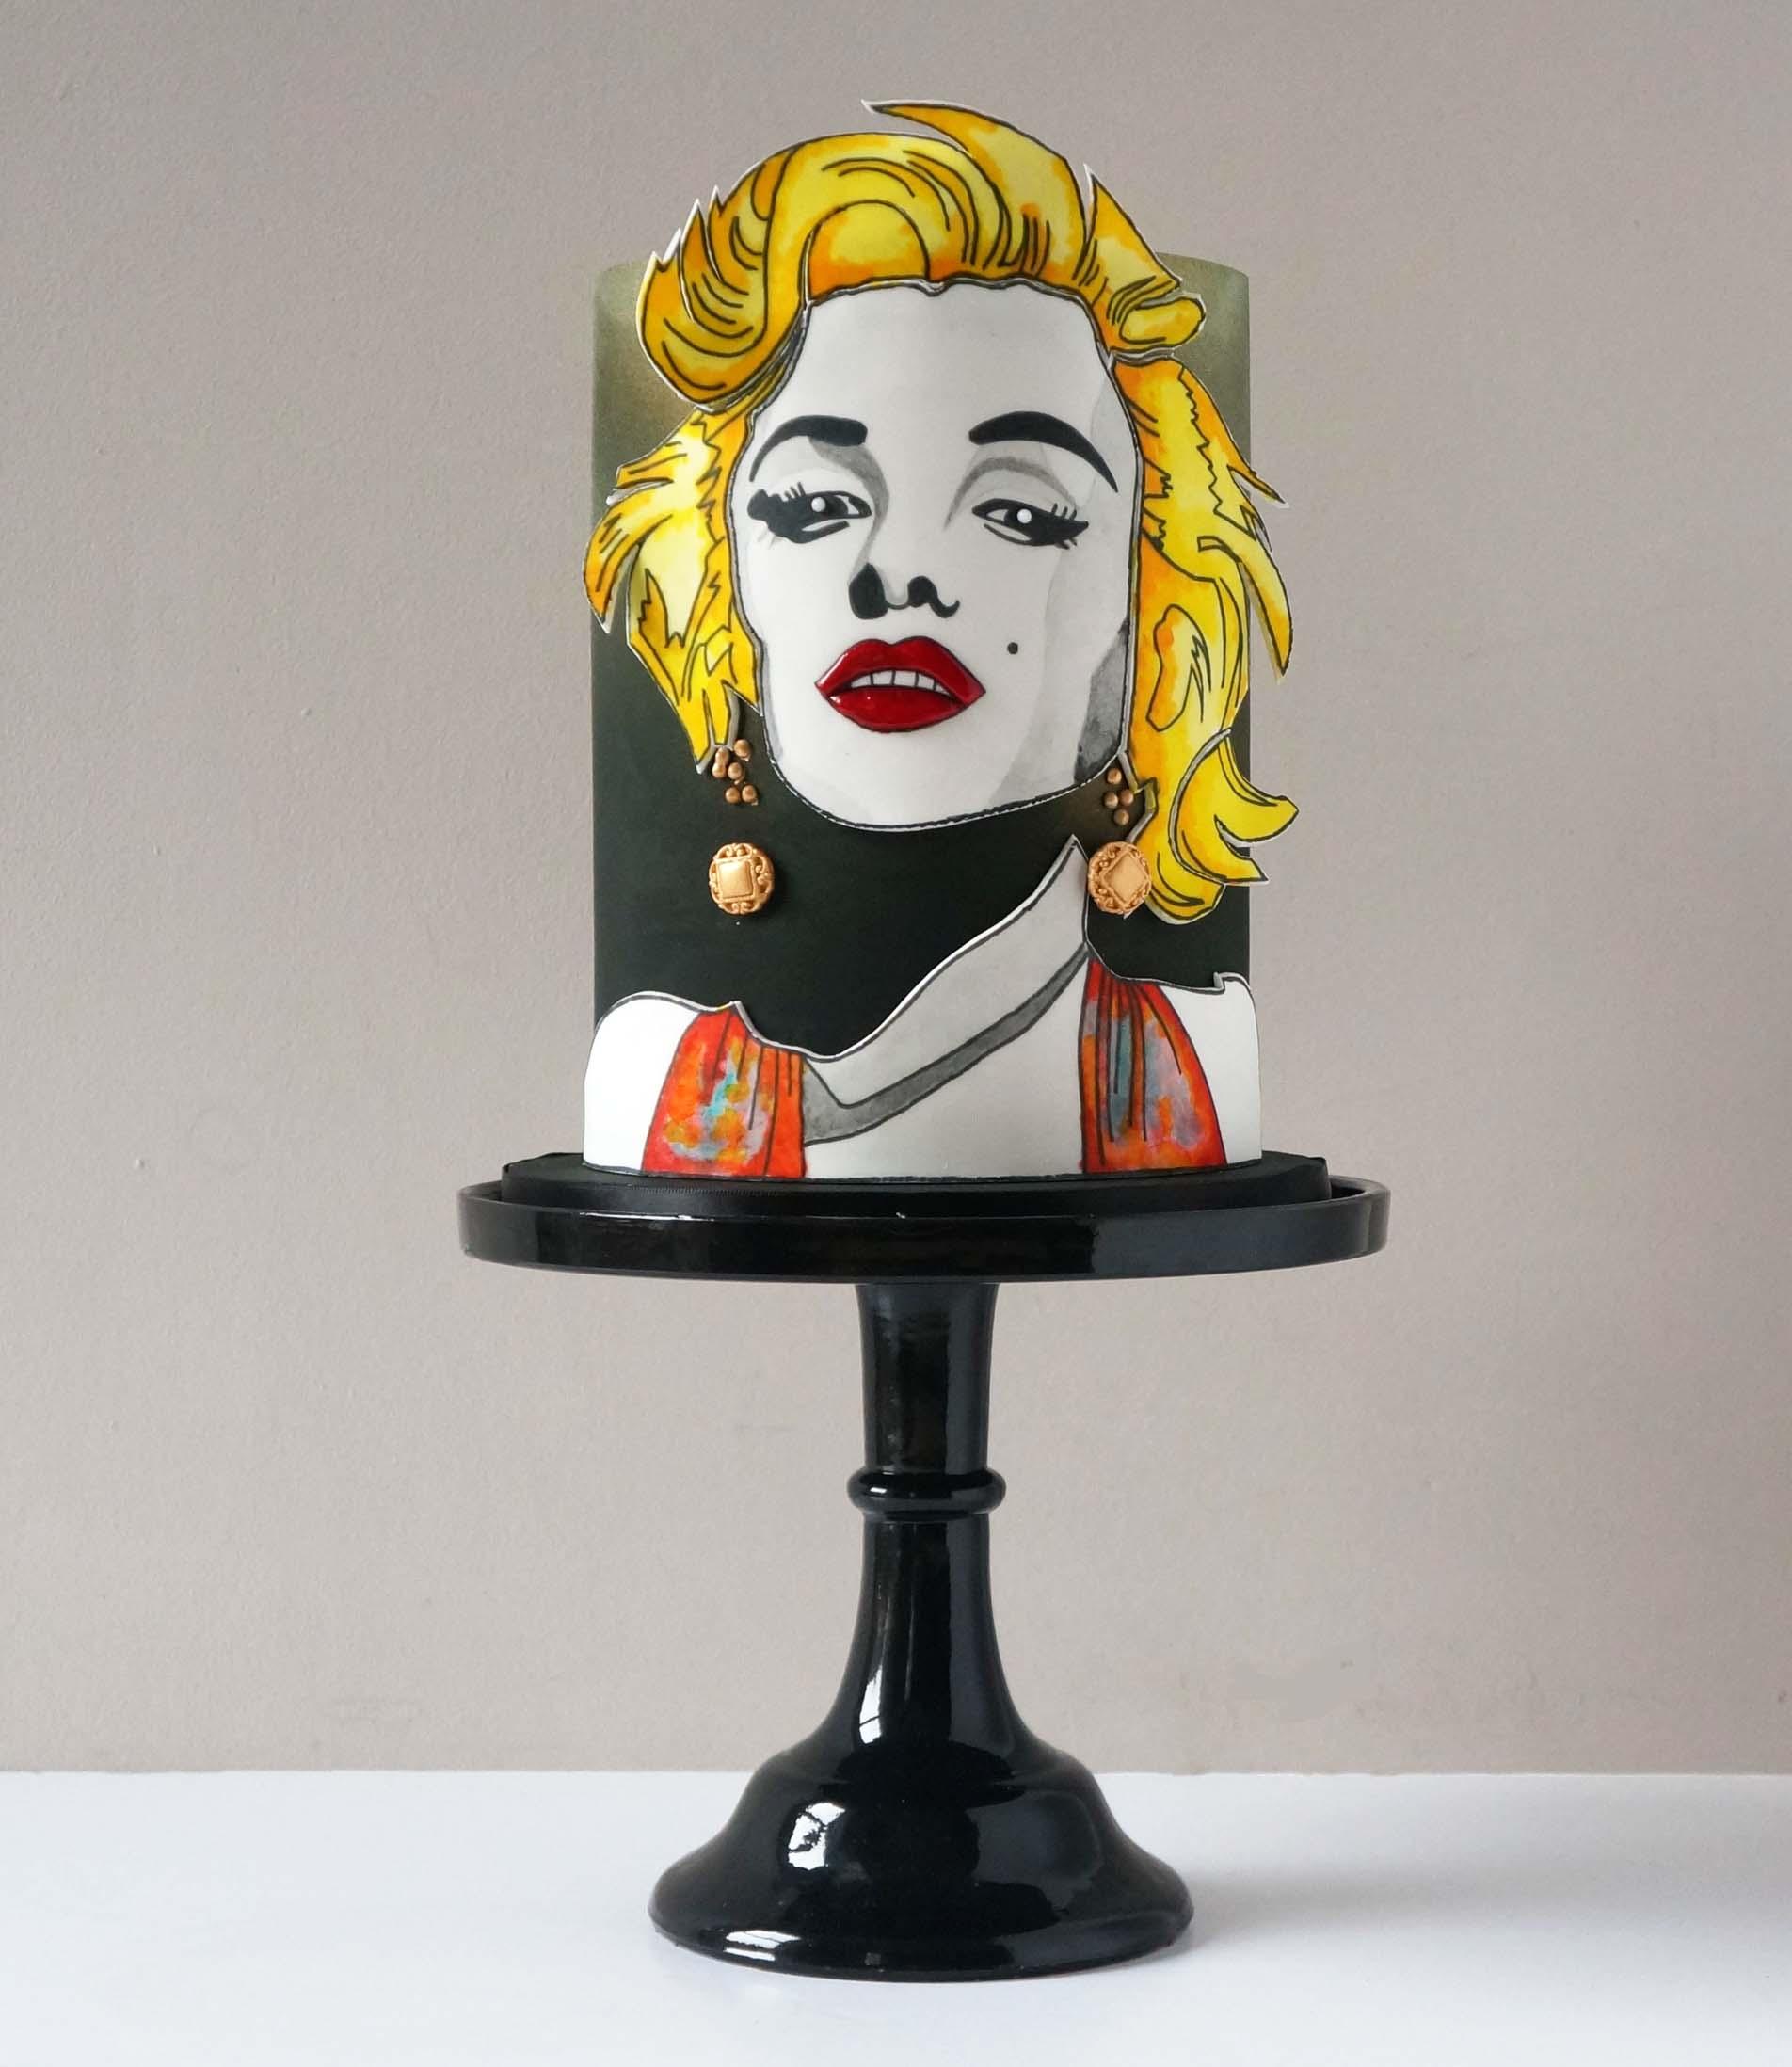 Hand painted Pop Art Marilyn Monroe cake